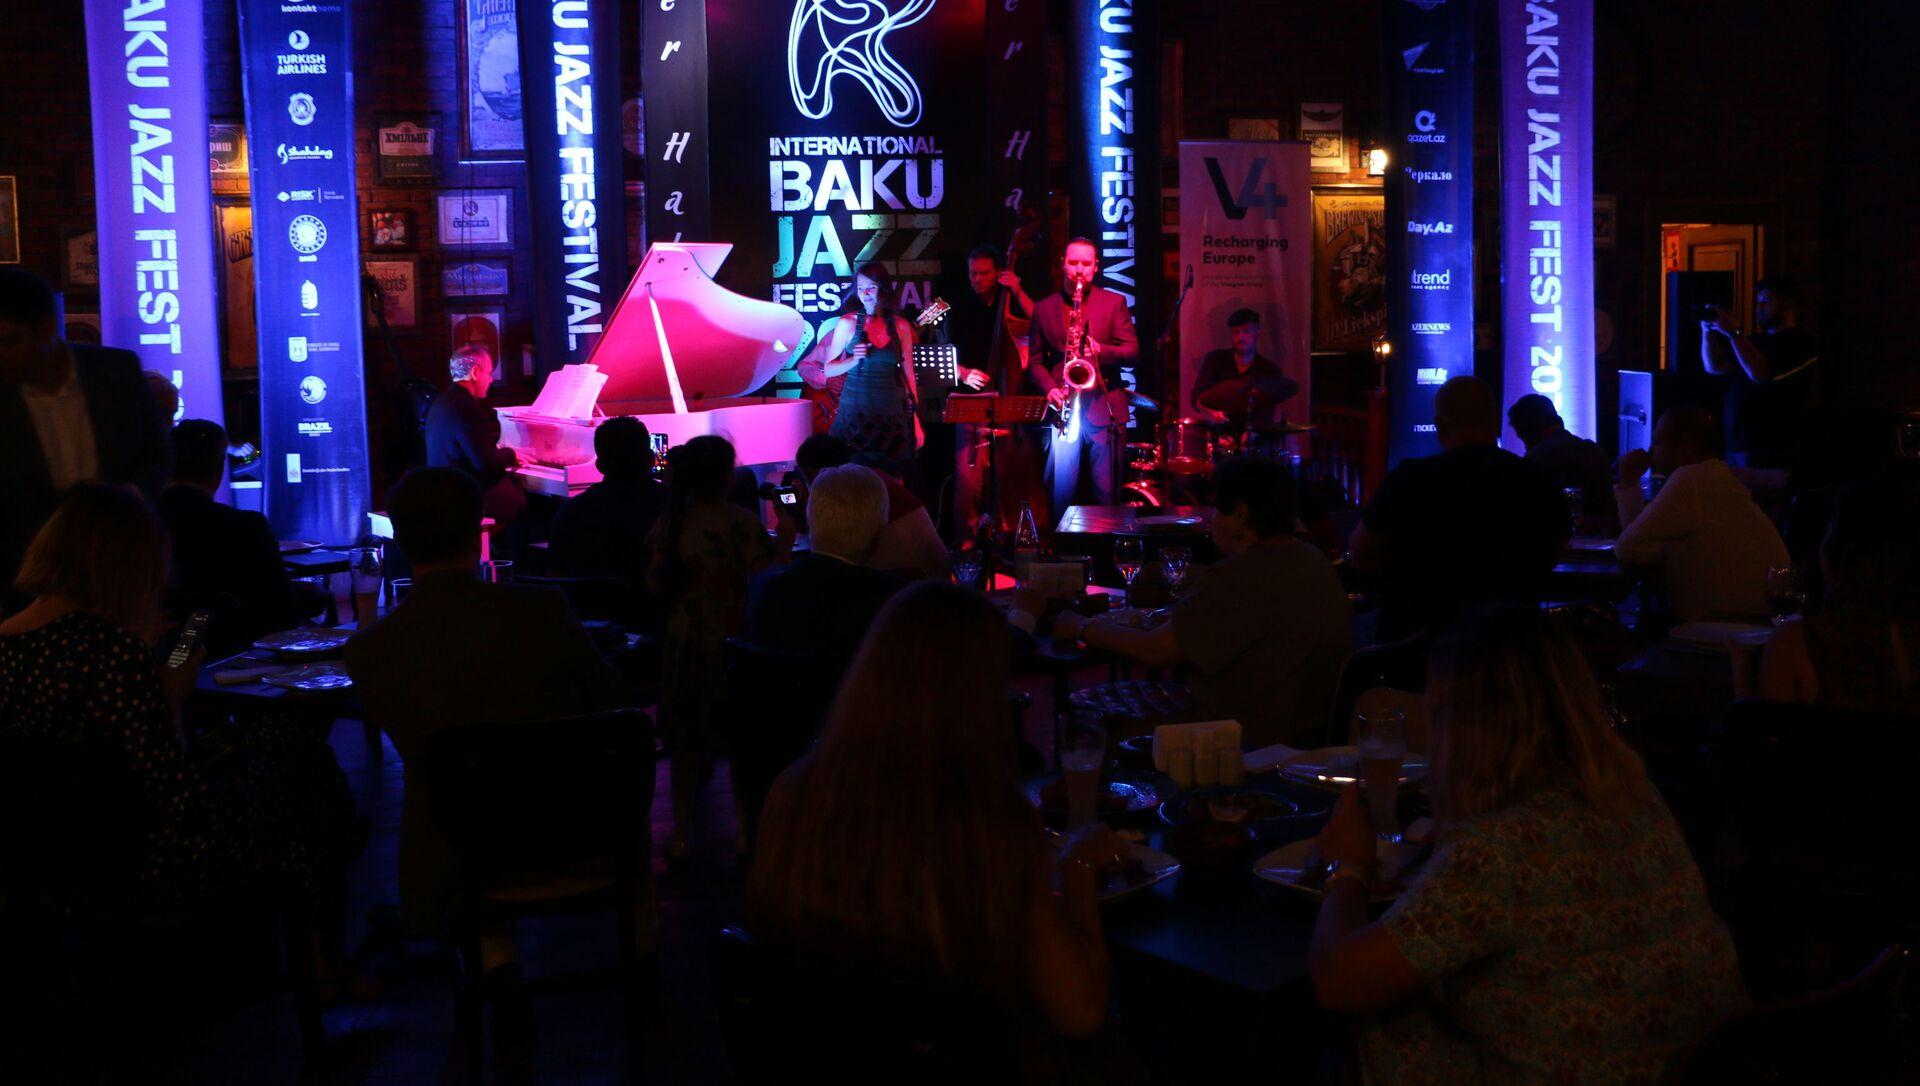 Российская джазовая певица Анна Кашина вместе со своим проектом Jazz du Soleil выступила на Бакинском джаз-фестивале - Sputnik Азербайджан, 1920, 17.09.2021